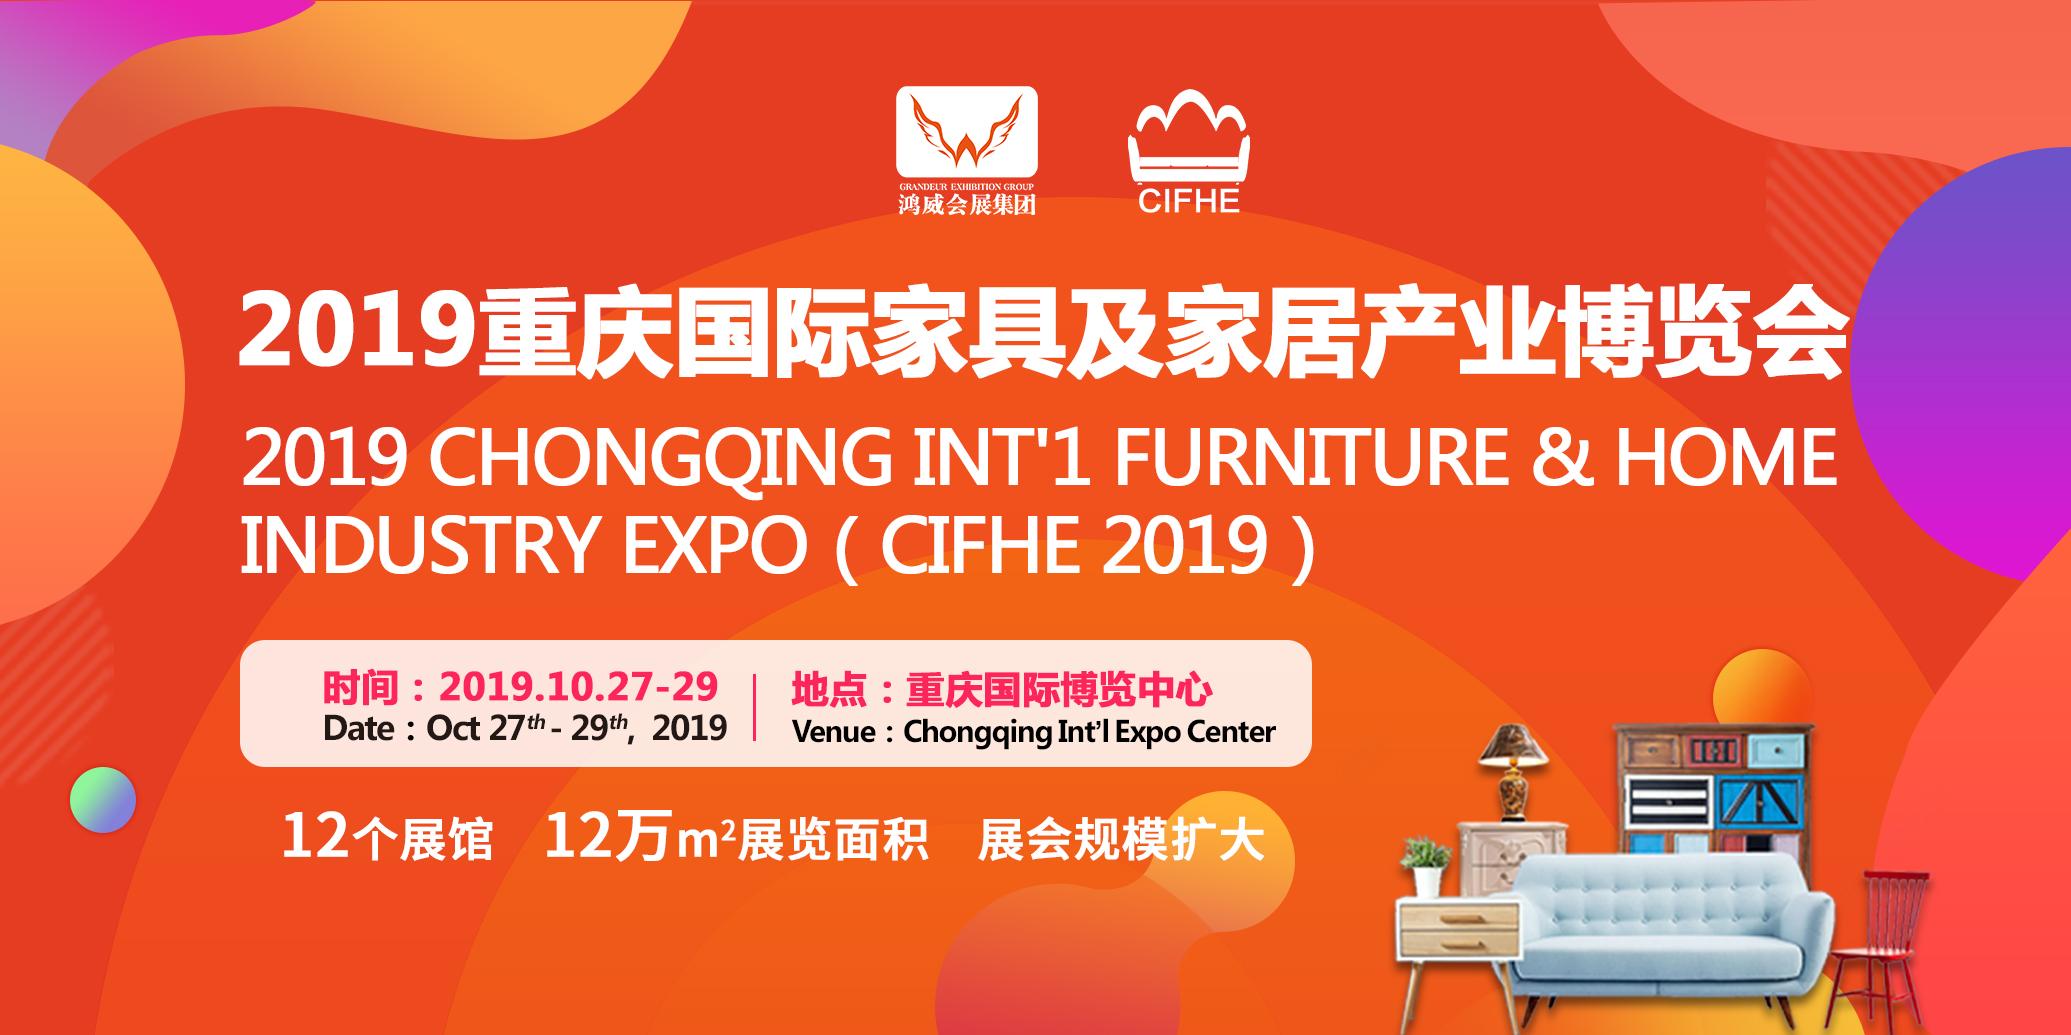 2019.10.27-29重庆国际家具及家居博览会